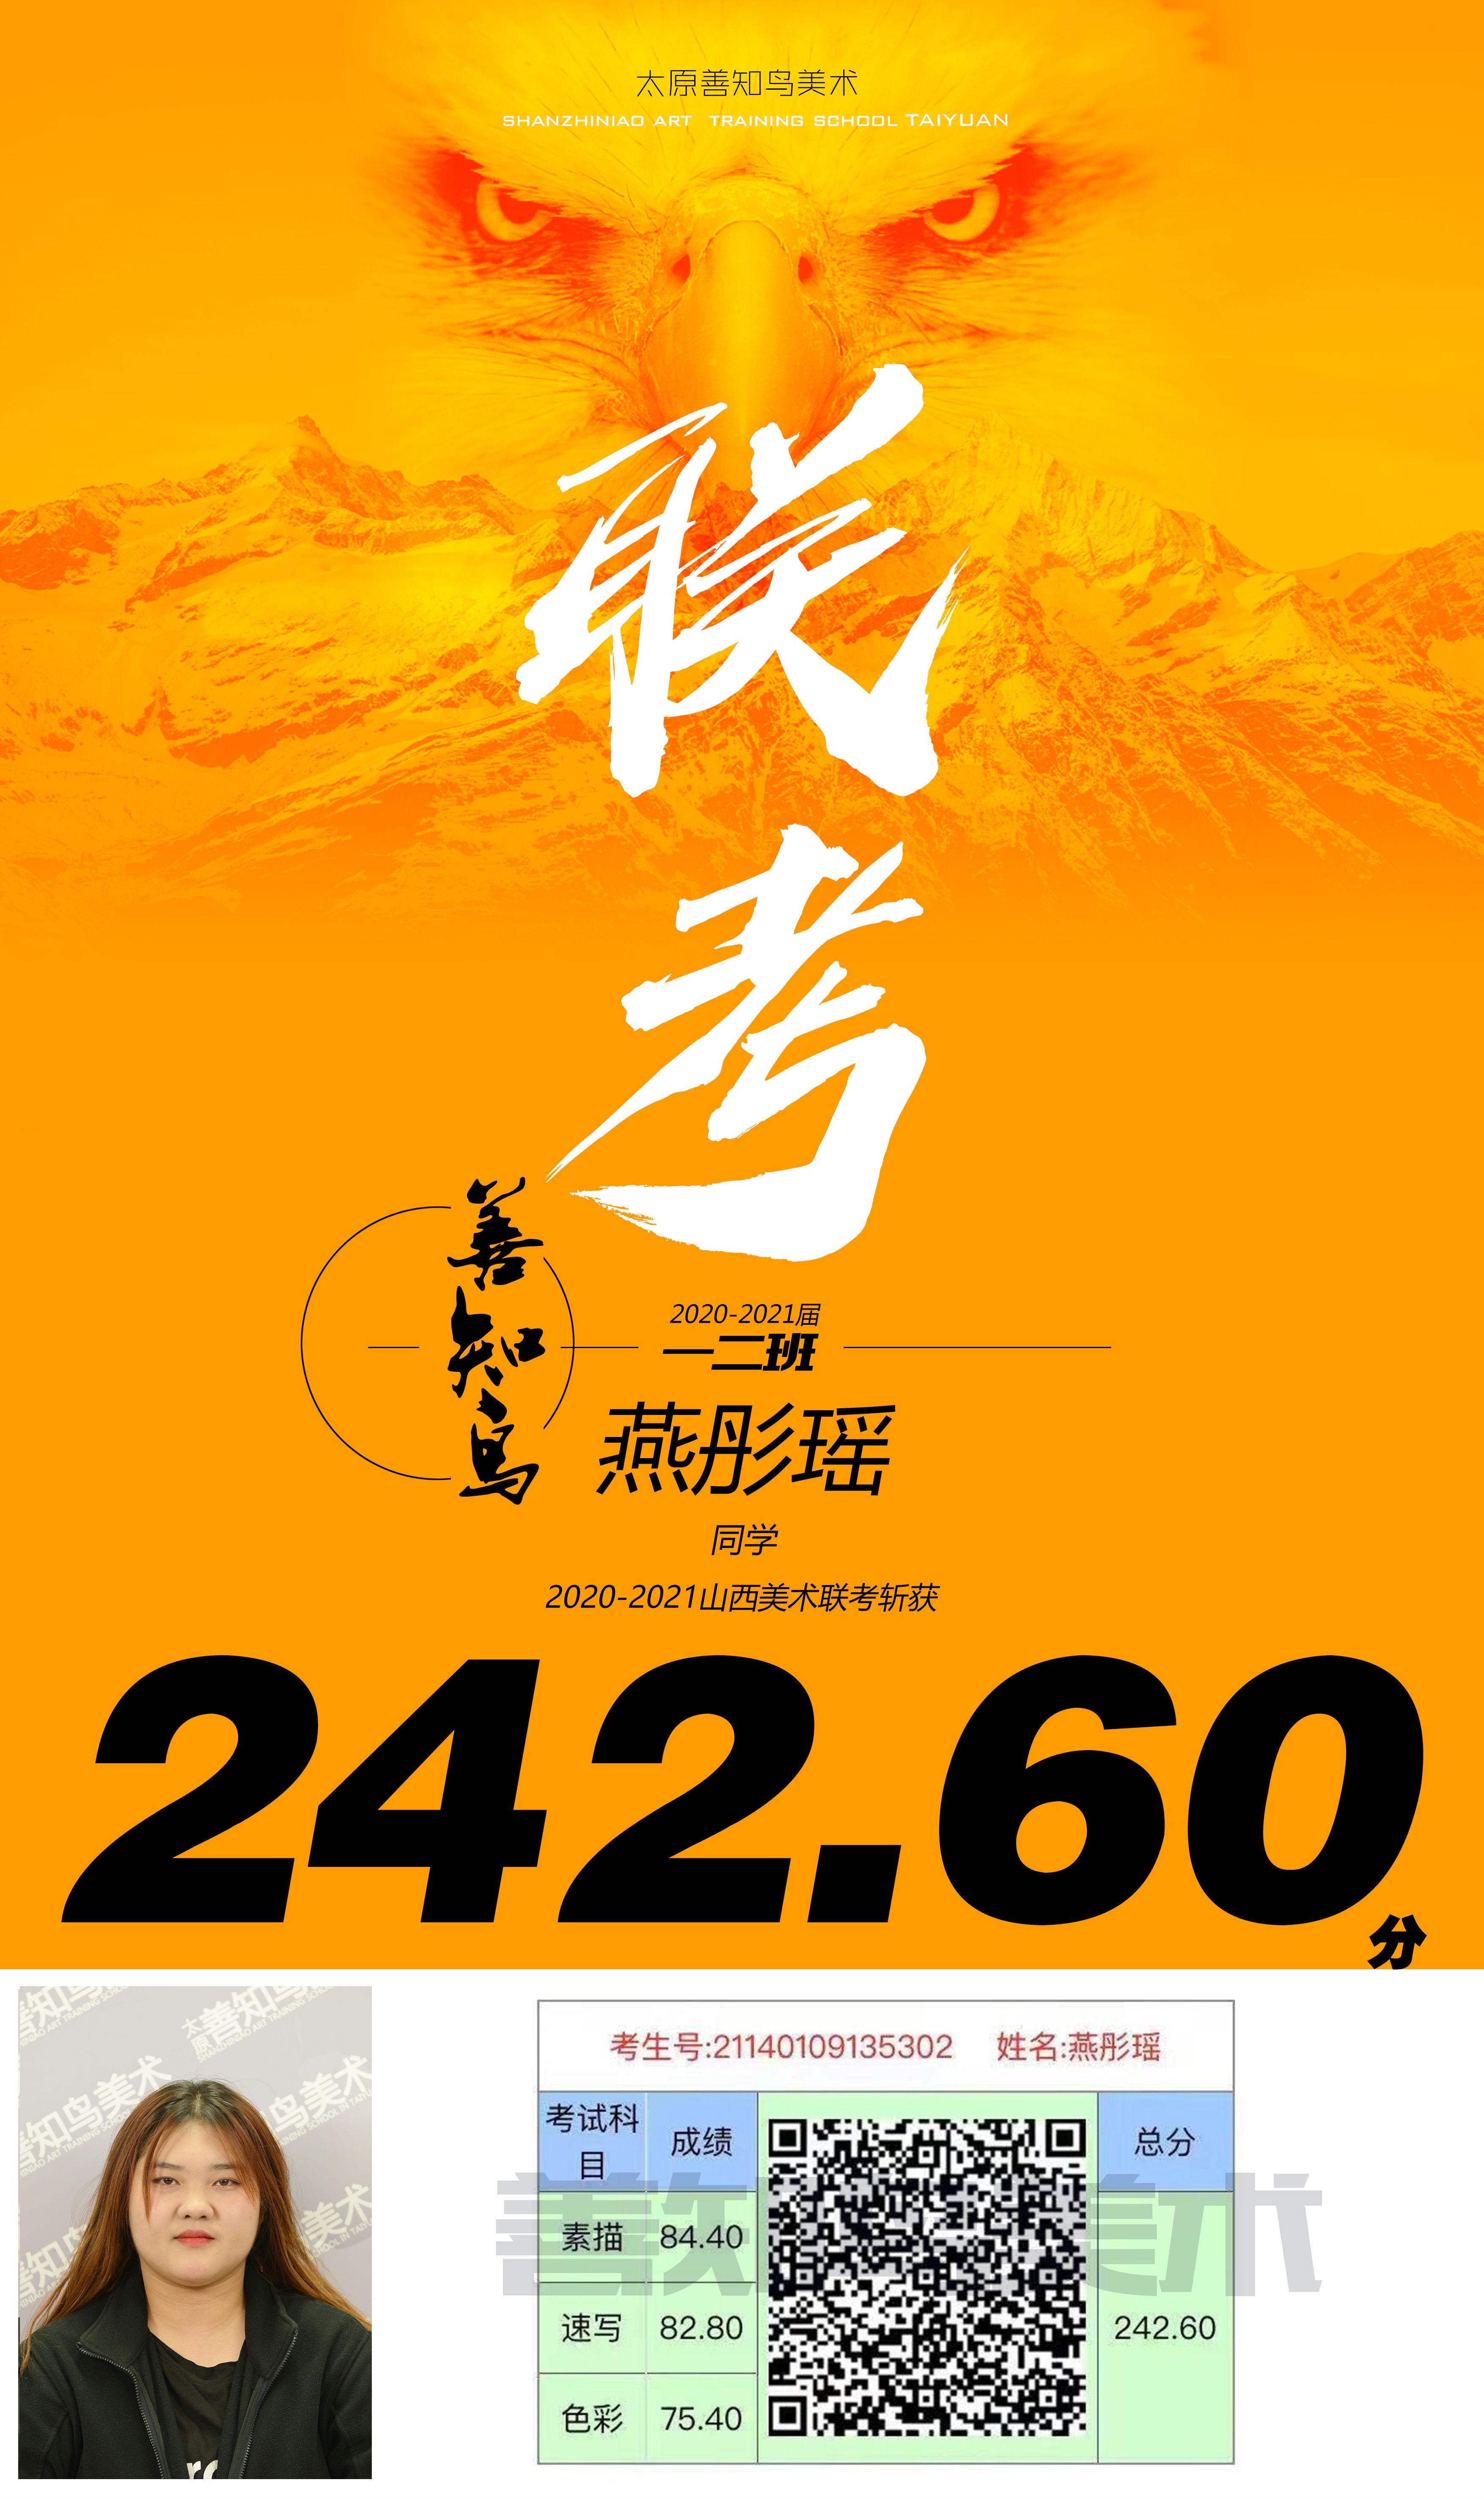 242.60燕彤瑶.jpg